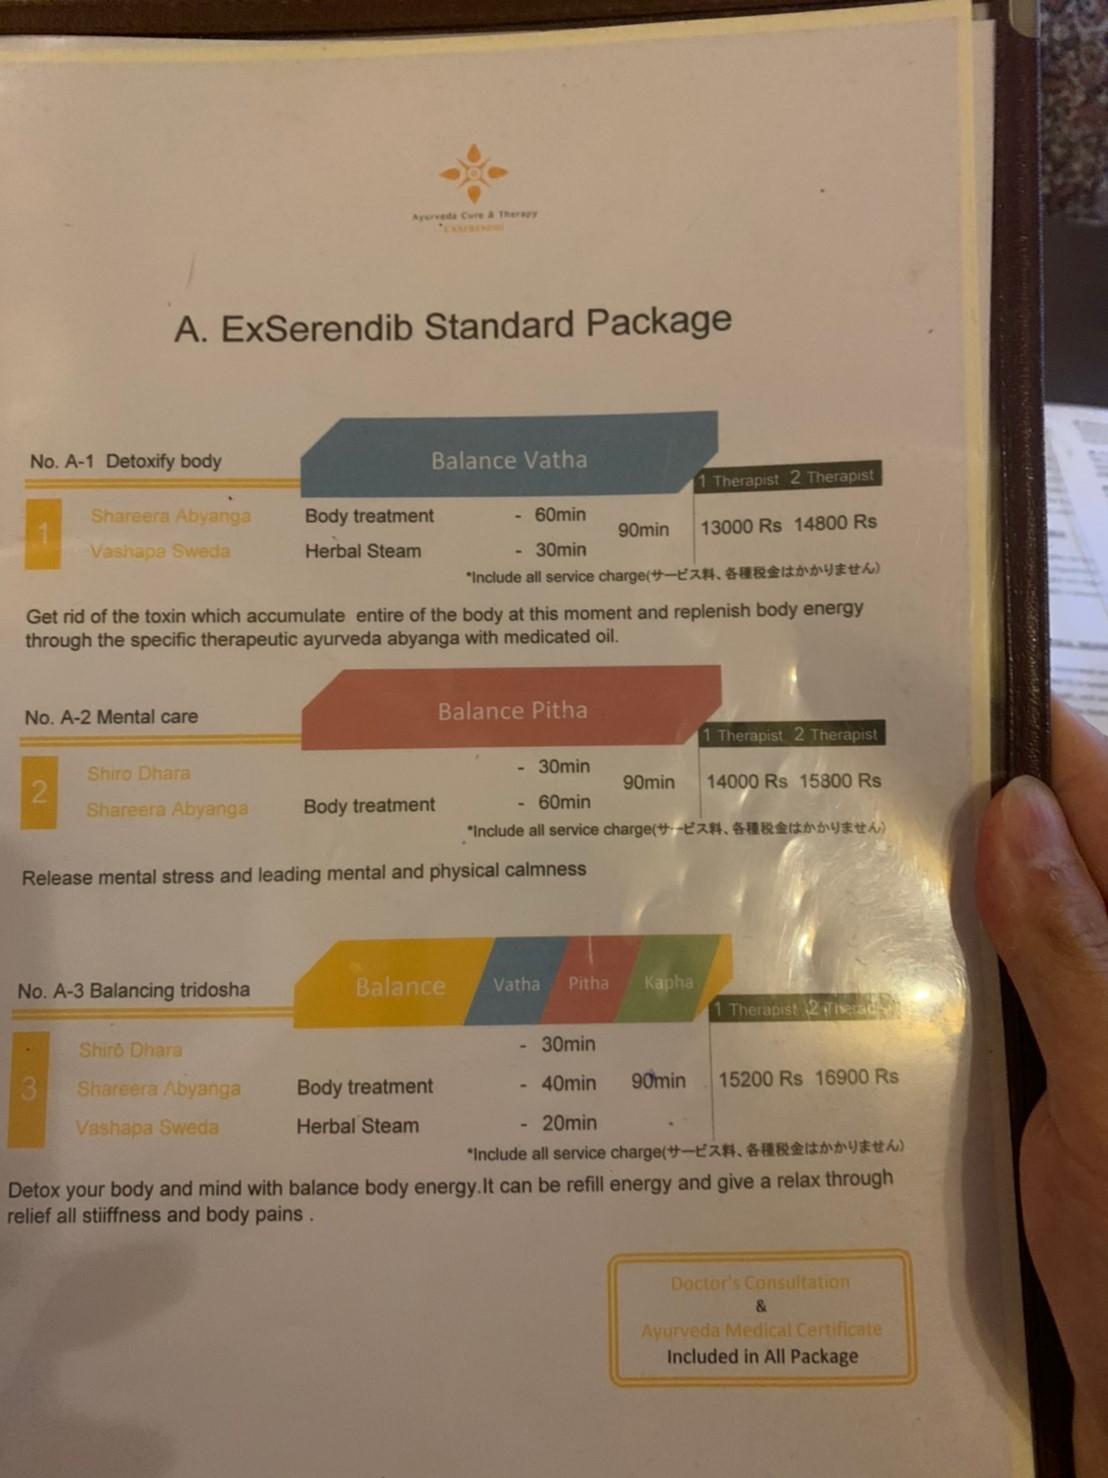 Exserendib Standard Packageの価格